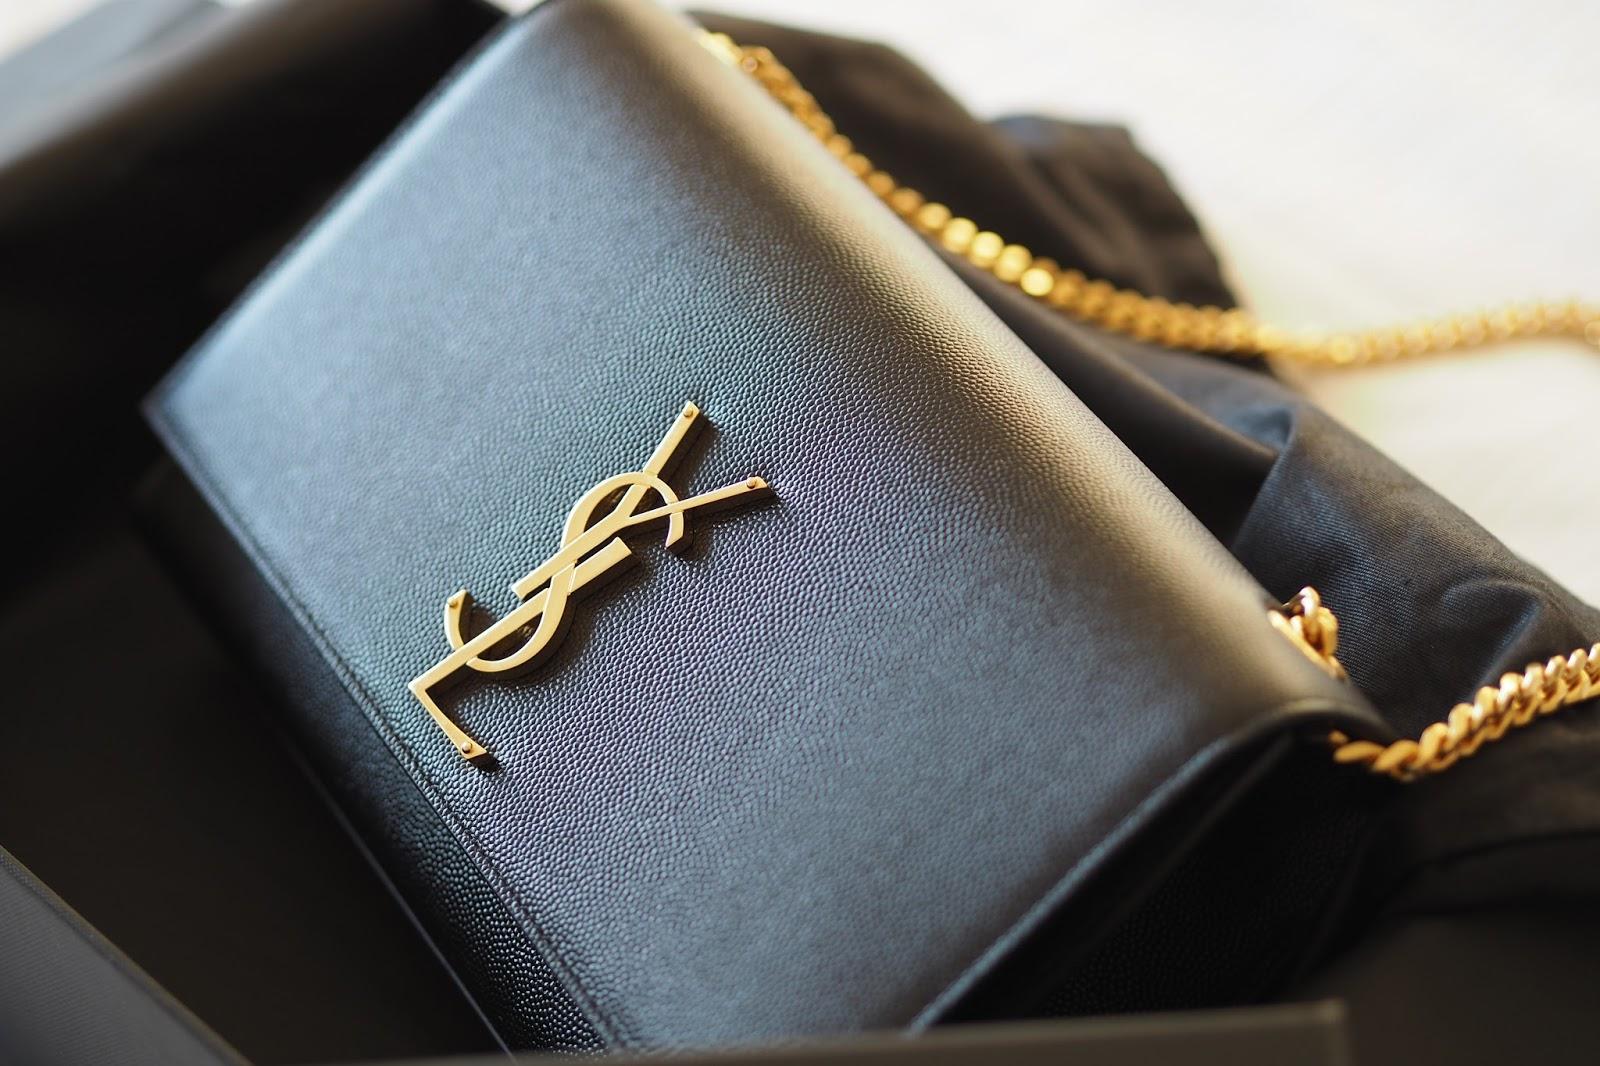 Saint Laurent Classic Medium Kate Monogram Handbag in black